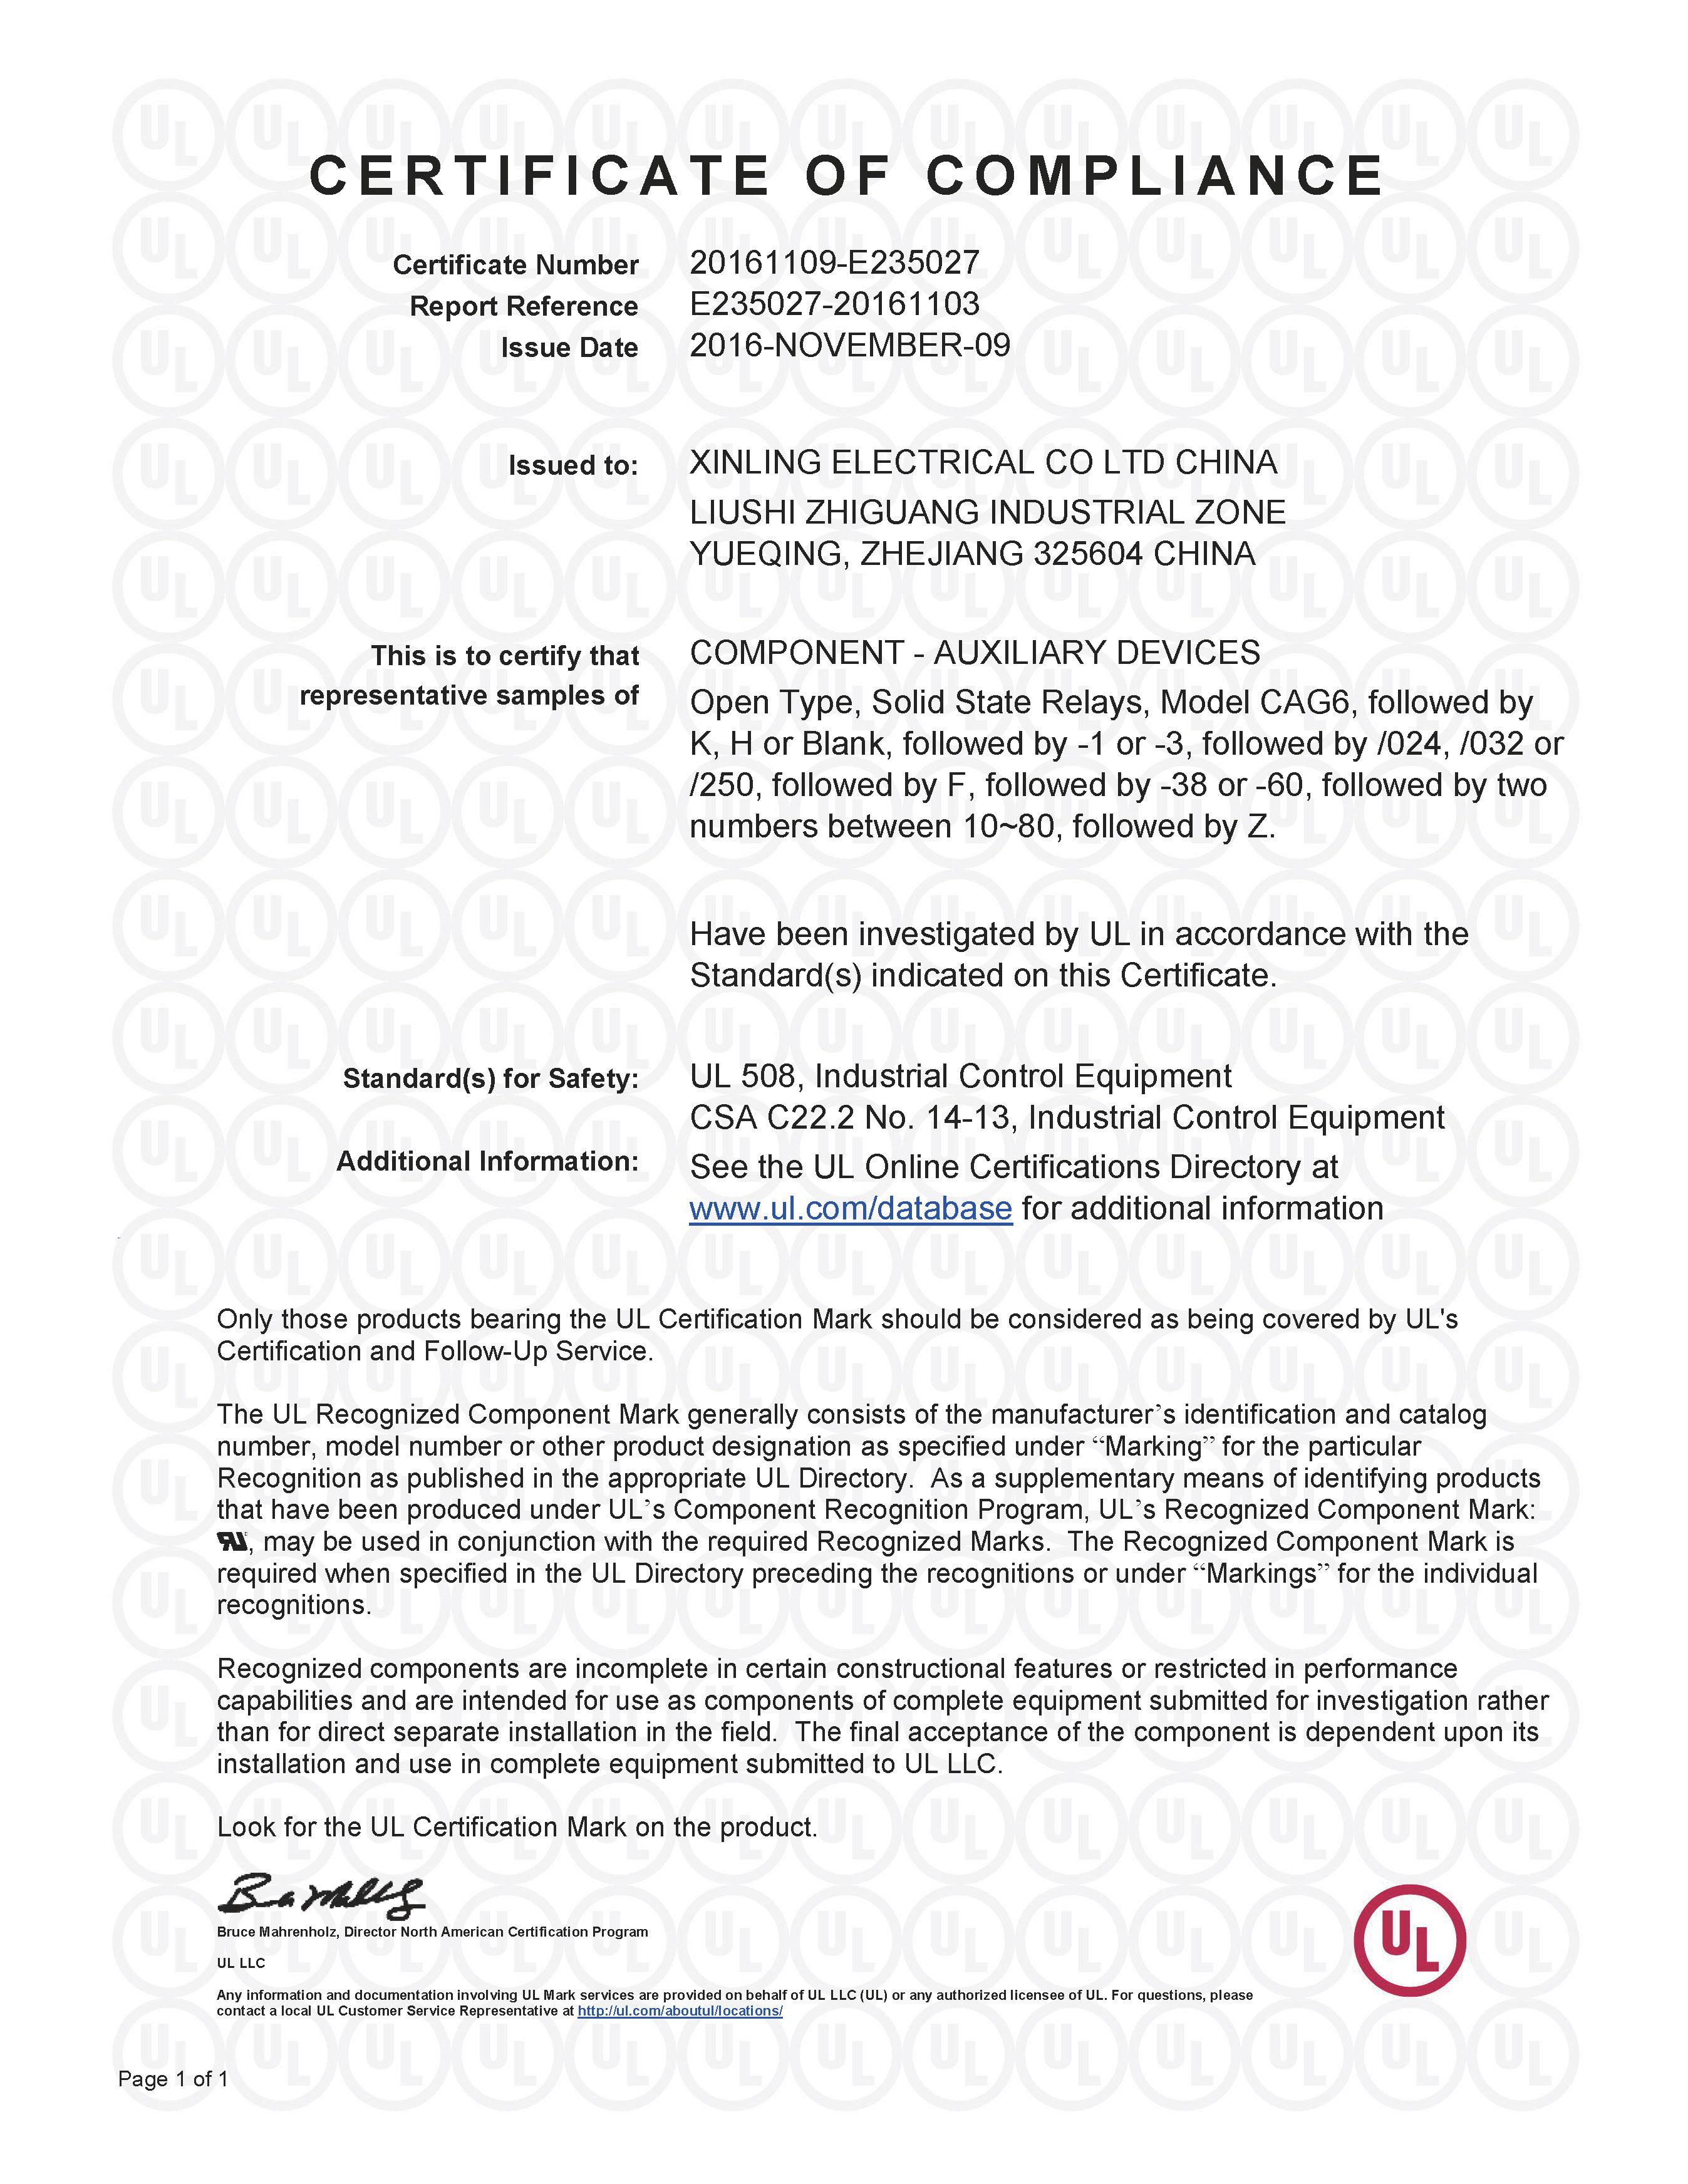 CAG6系列固体继电器UL证书【UL】